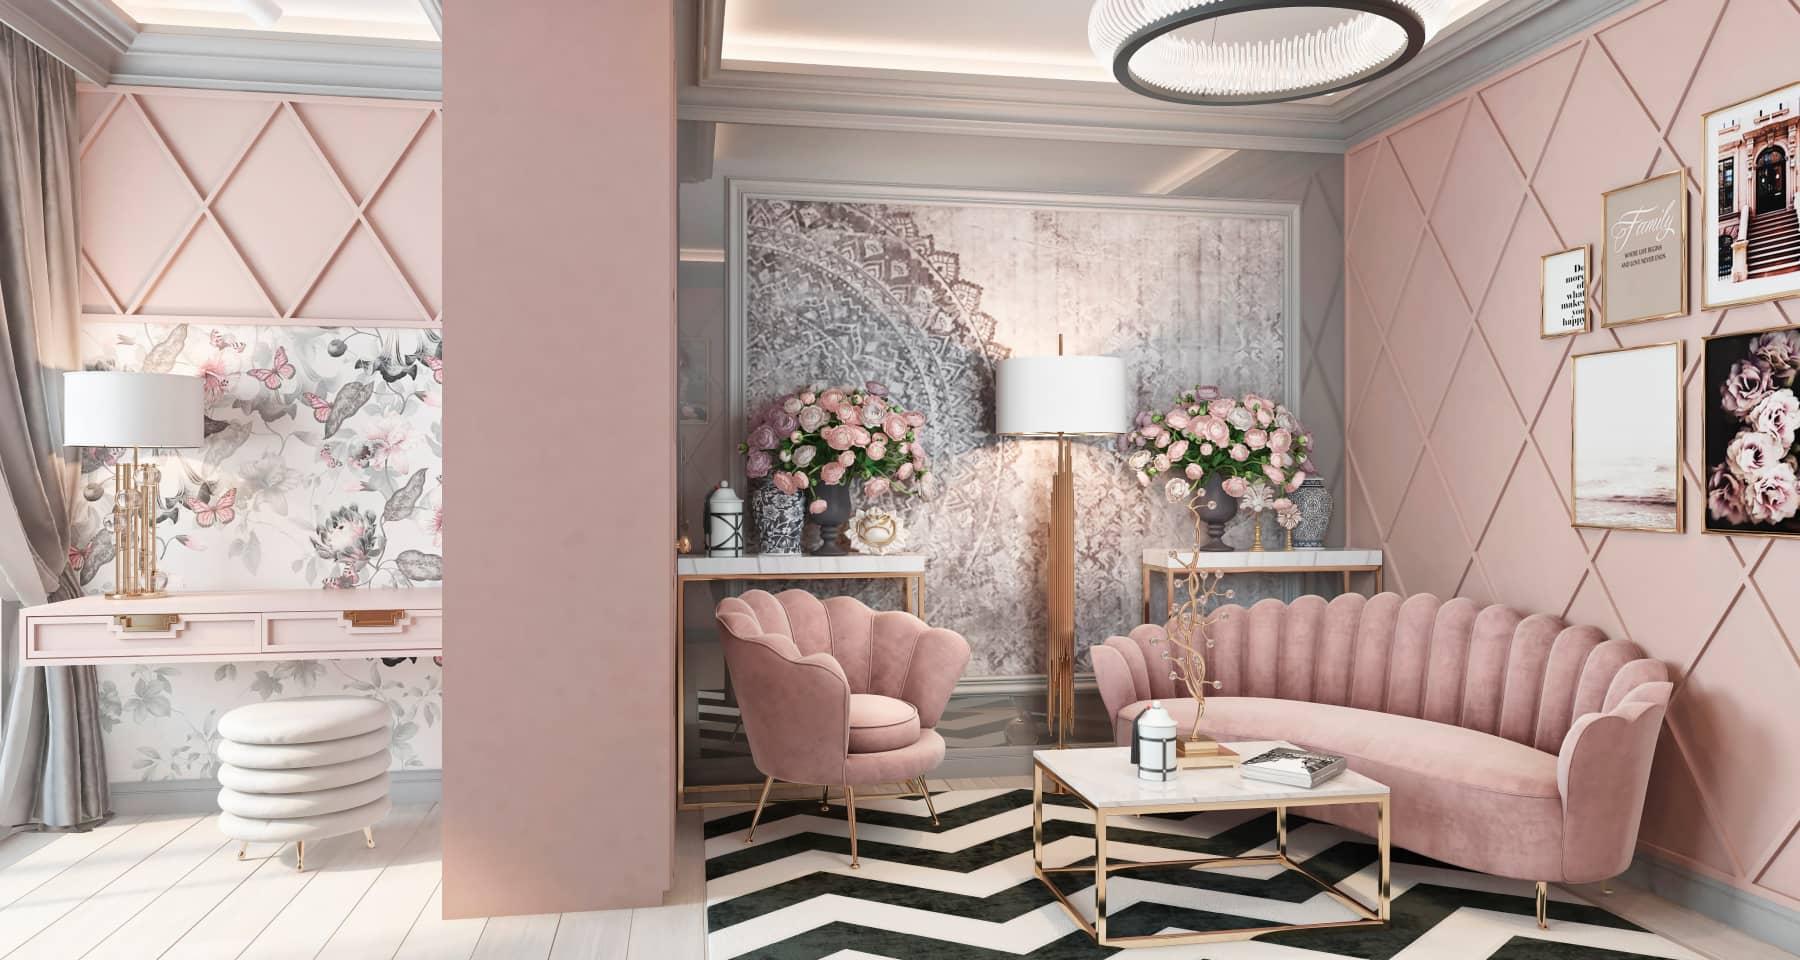 Дизайн-проект интерьера розовой детской комнаты для девочки